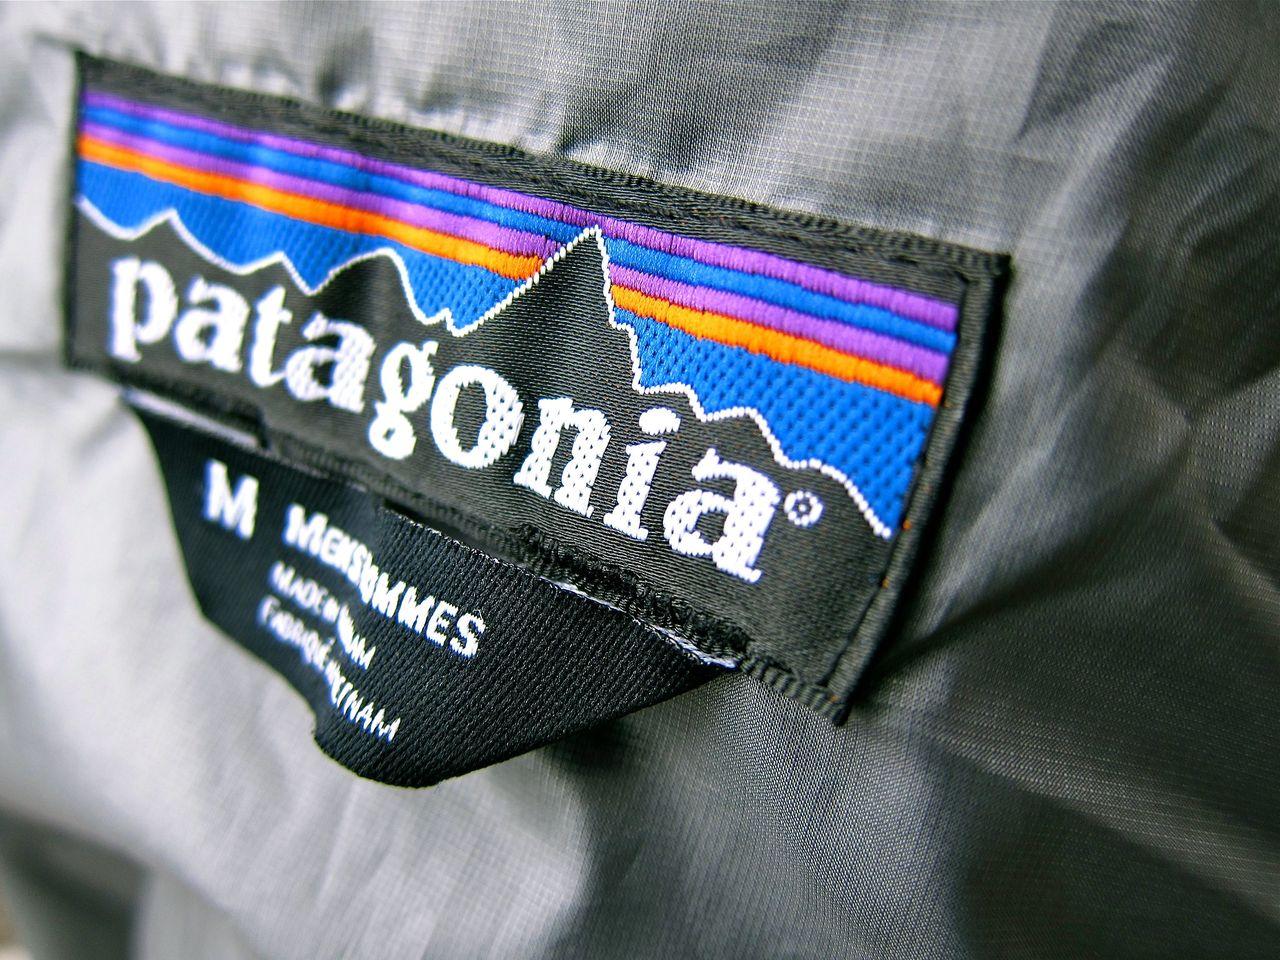 Patagonia skippar företagsloggor på sina kläder